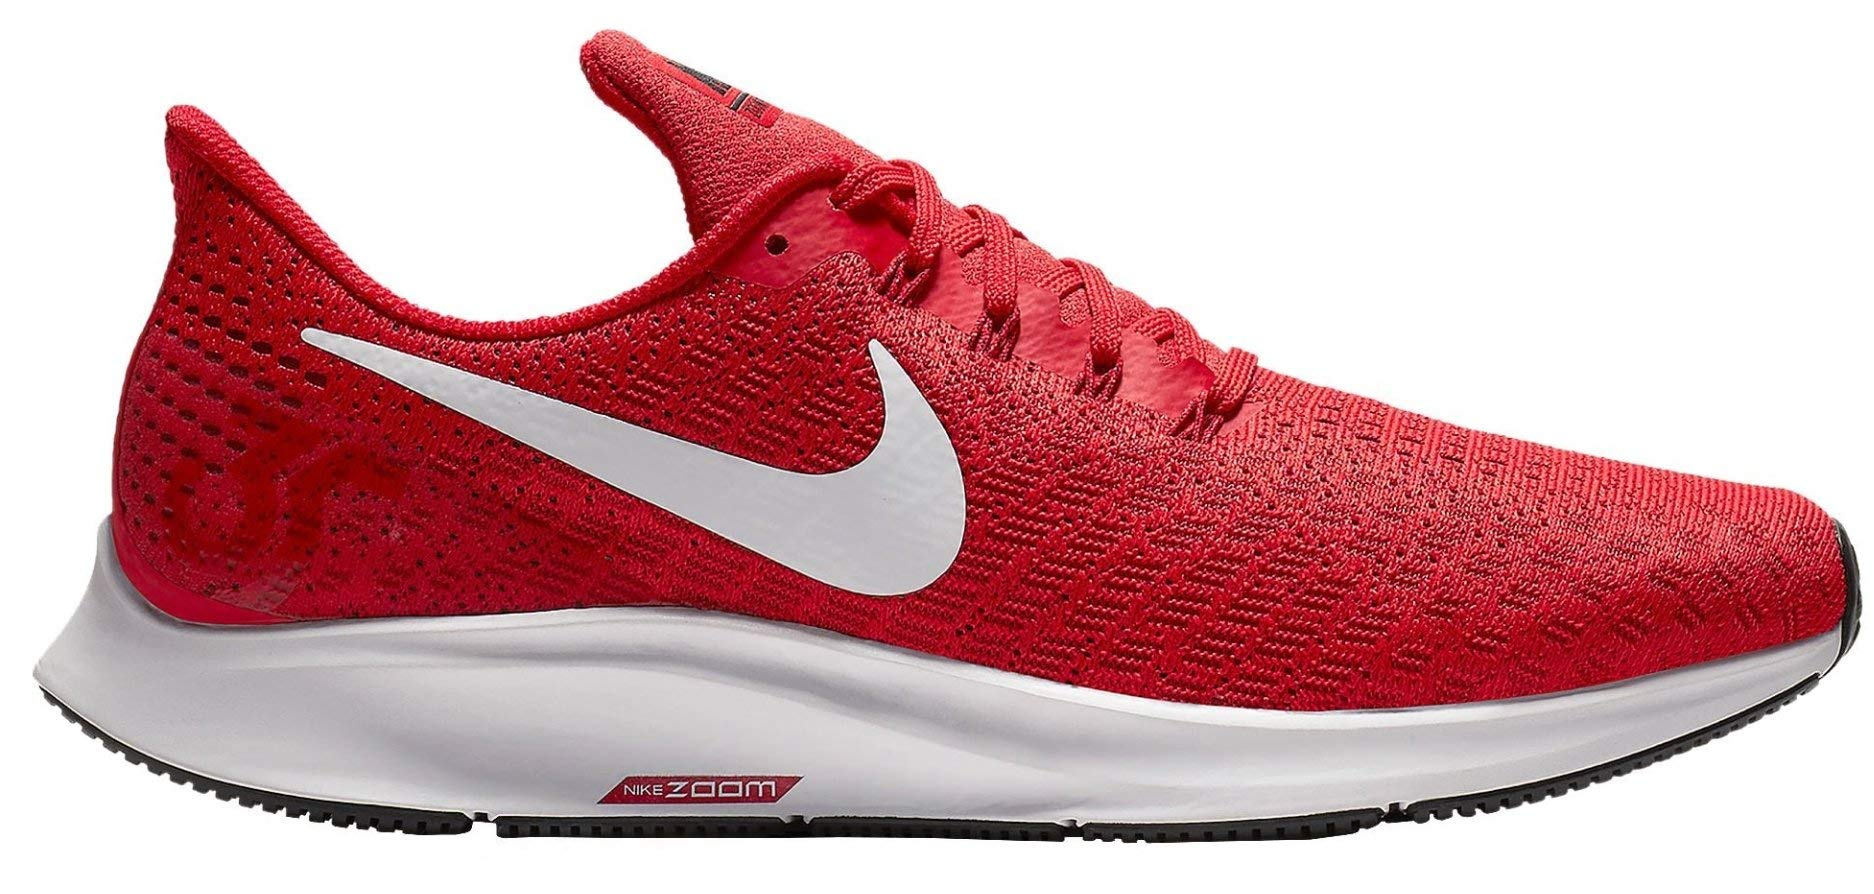 Nike Men's Air Zoom Pegasus 35 Running Shoes, Red/White (US 10, University RED/White-Tough RED-Black)